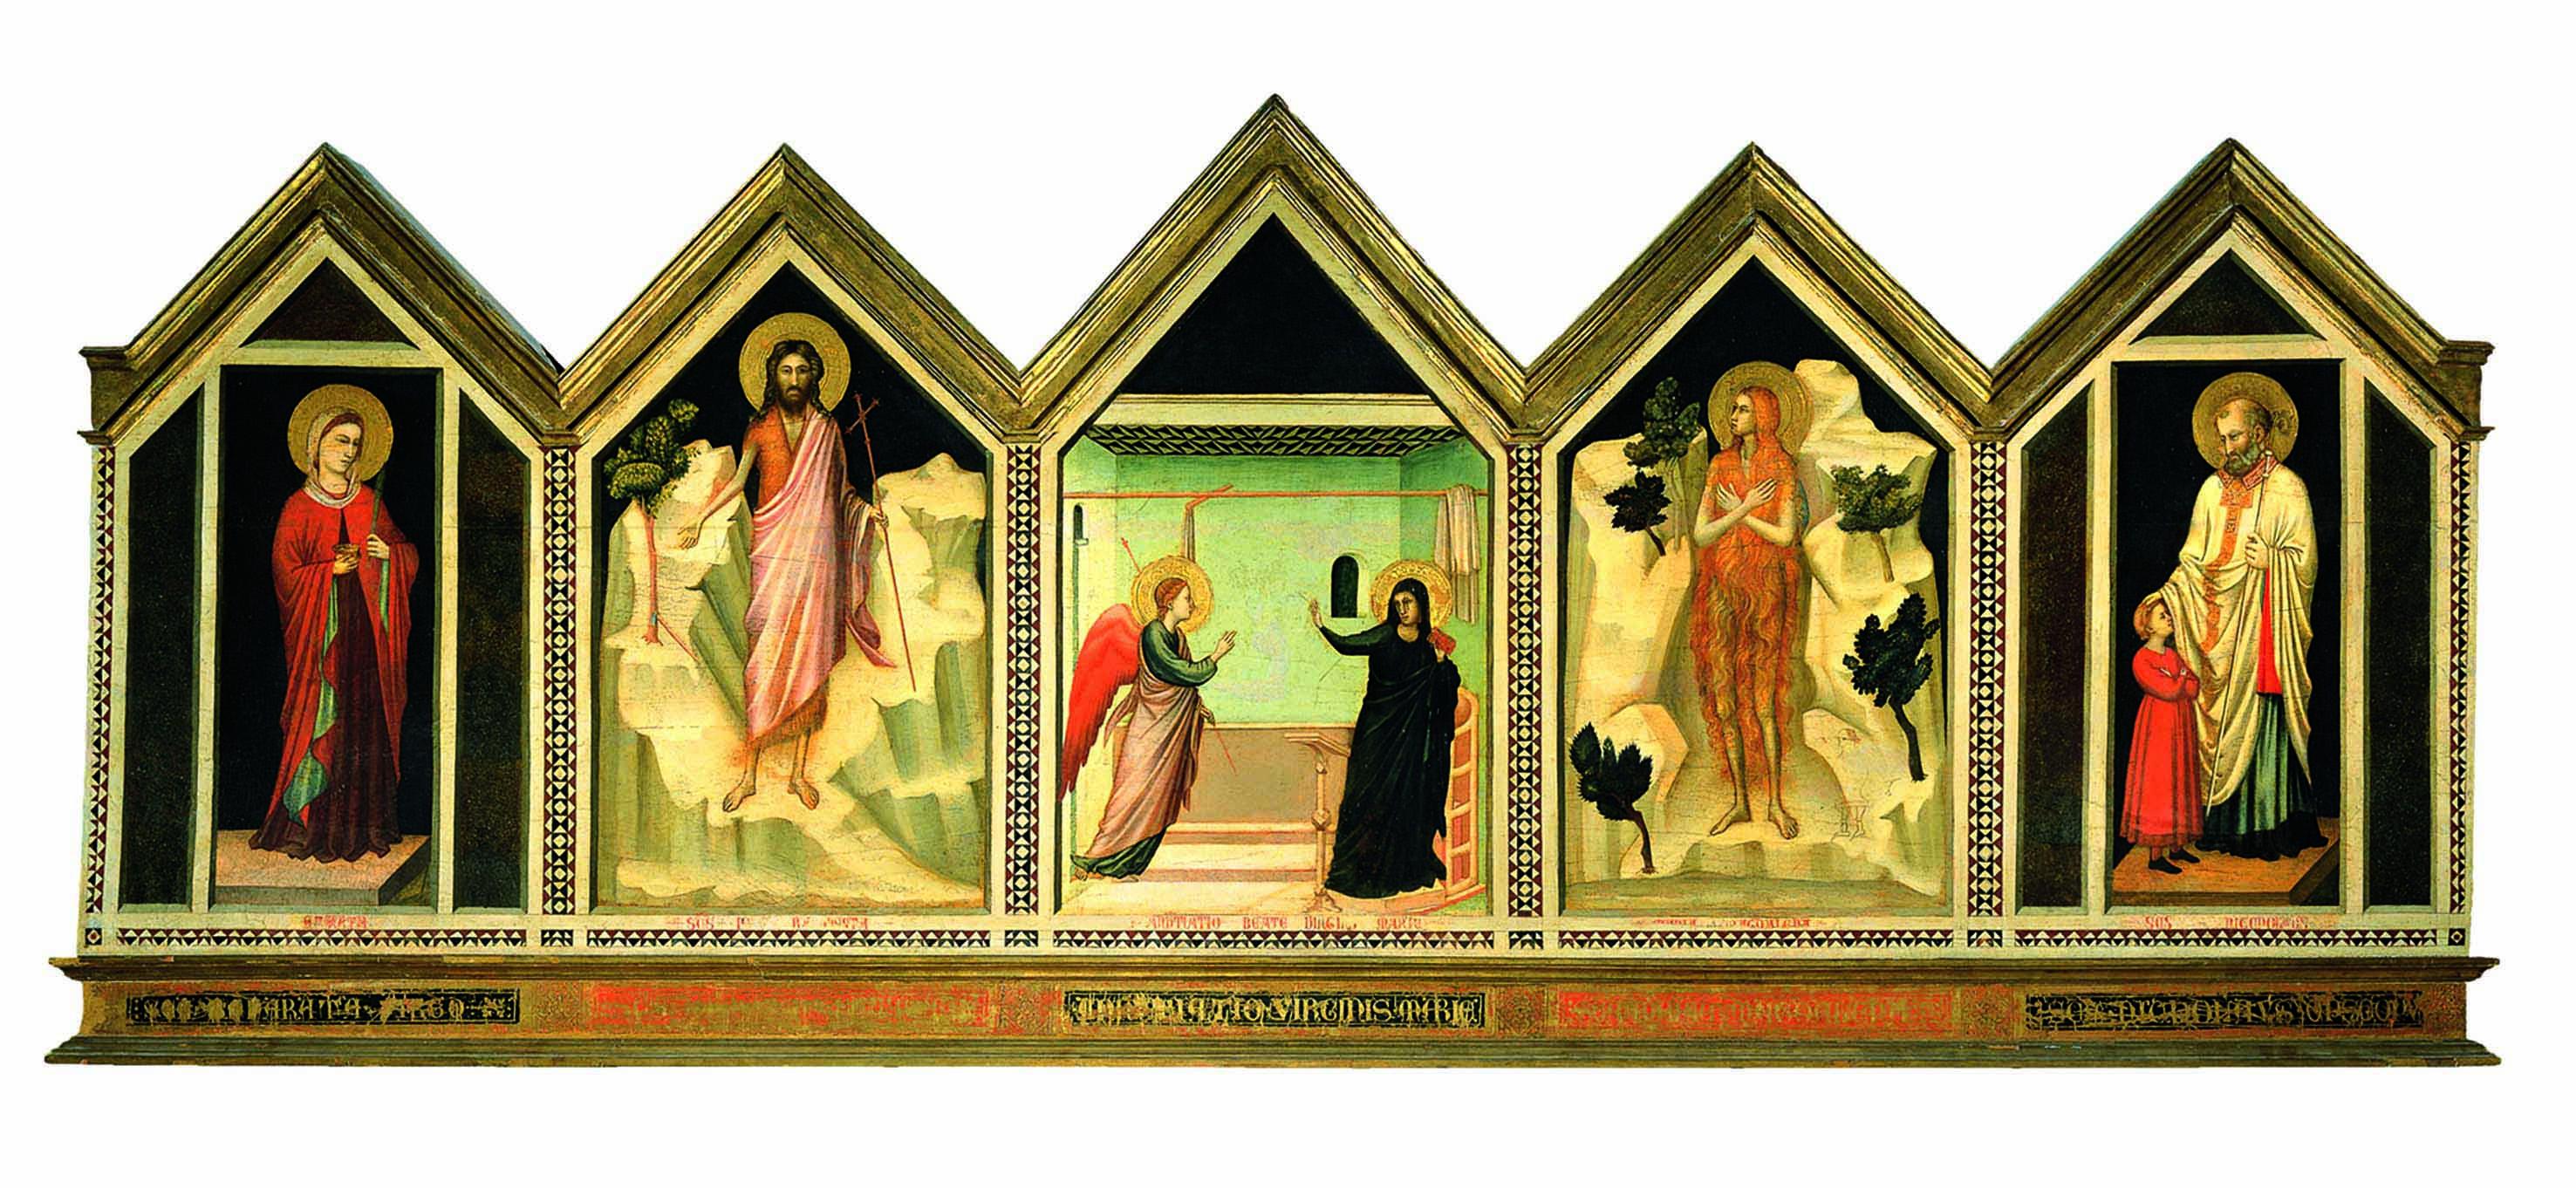 Giotto, Polittico, Cattedrale di Firenze